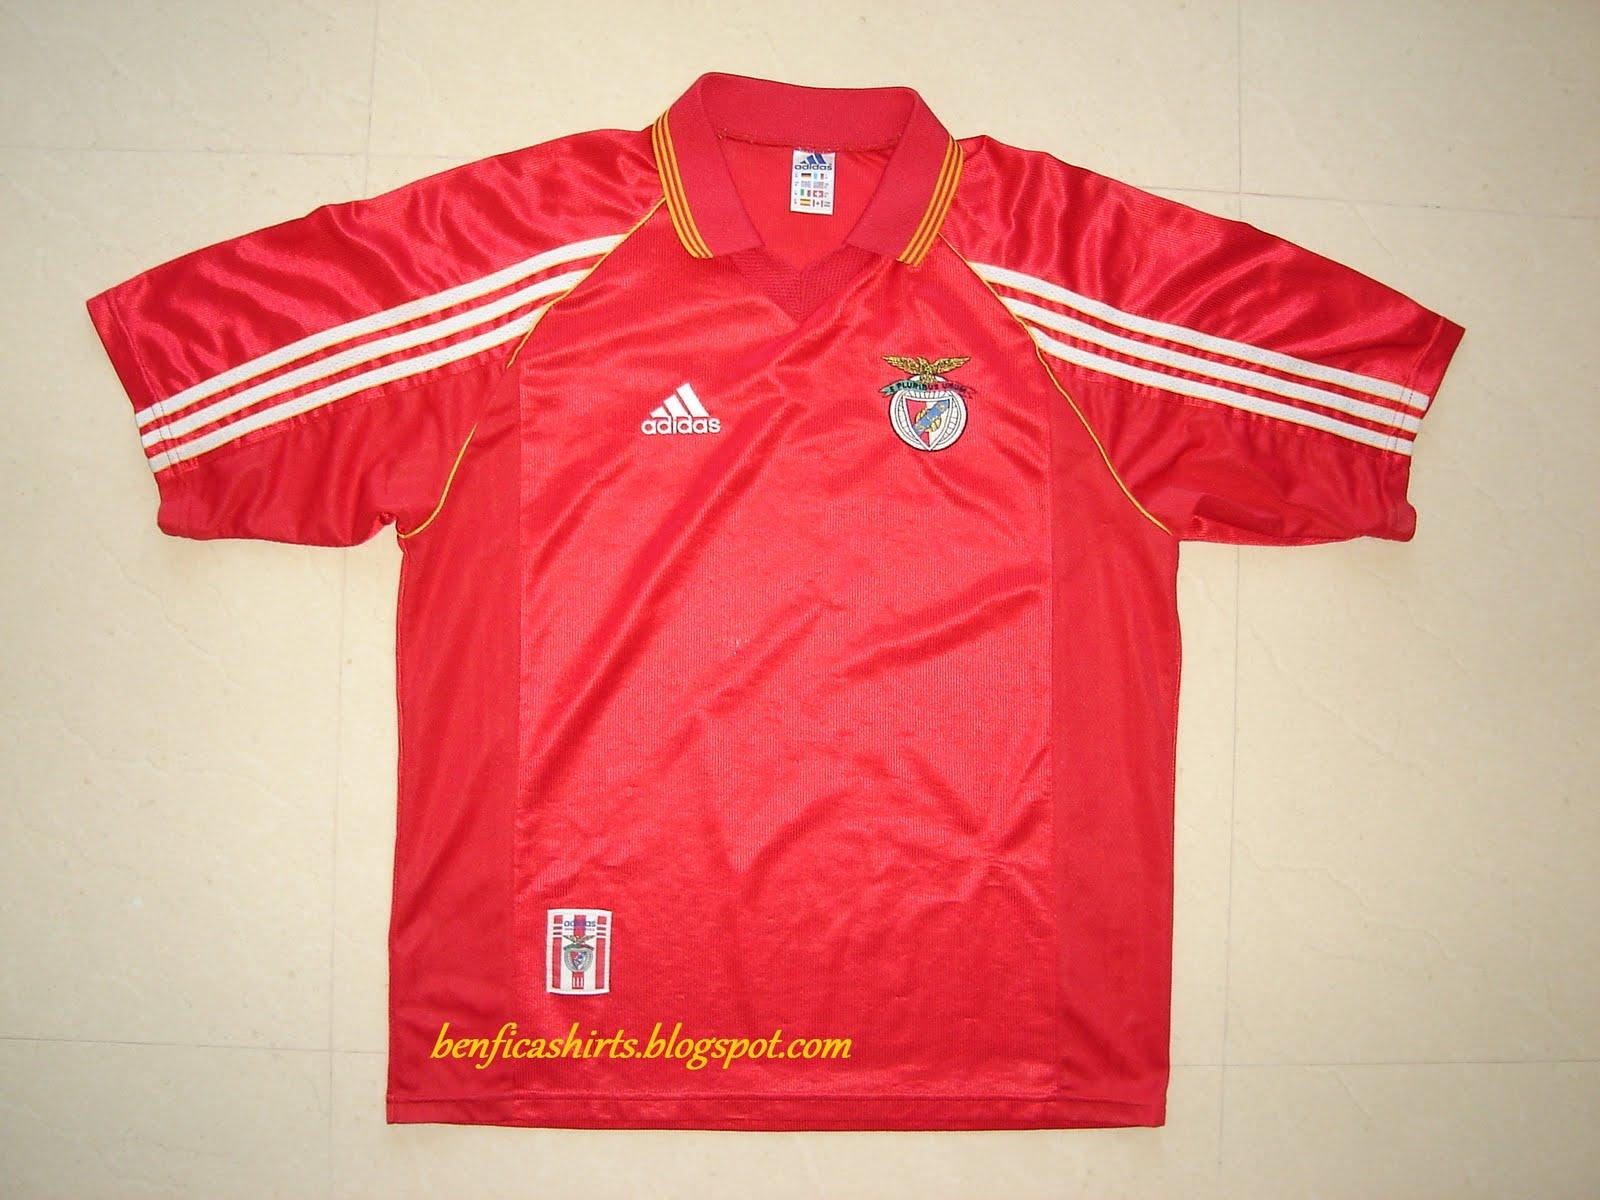 Sport Lisboa e Benfica Shirts (Camisolas do S.L. Benfica)  1998 ... 7aa455c0e1225